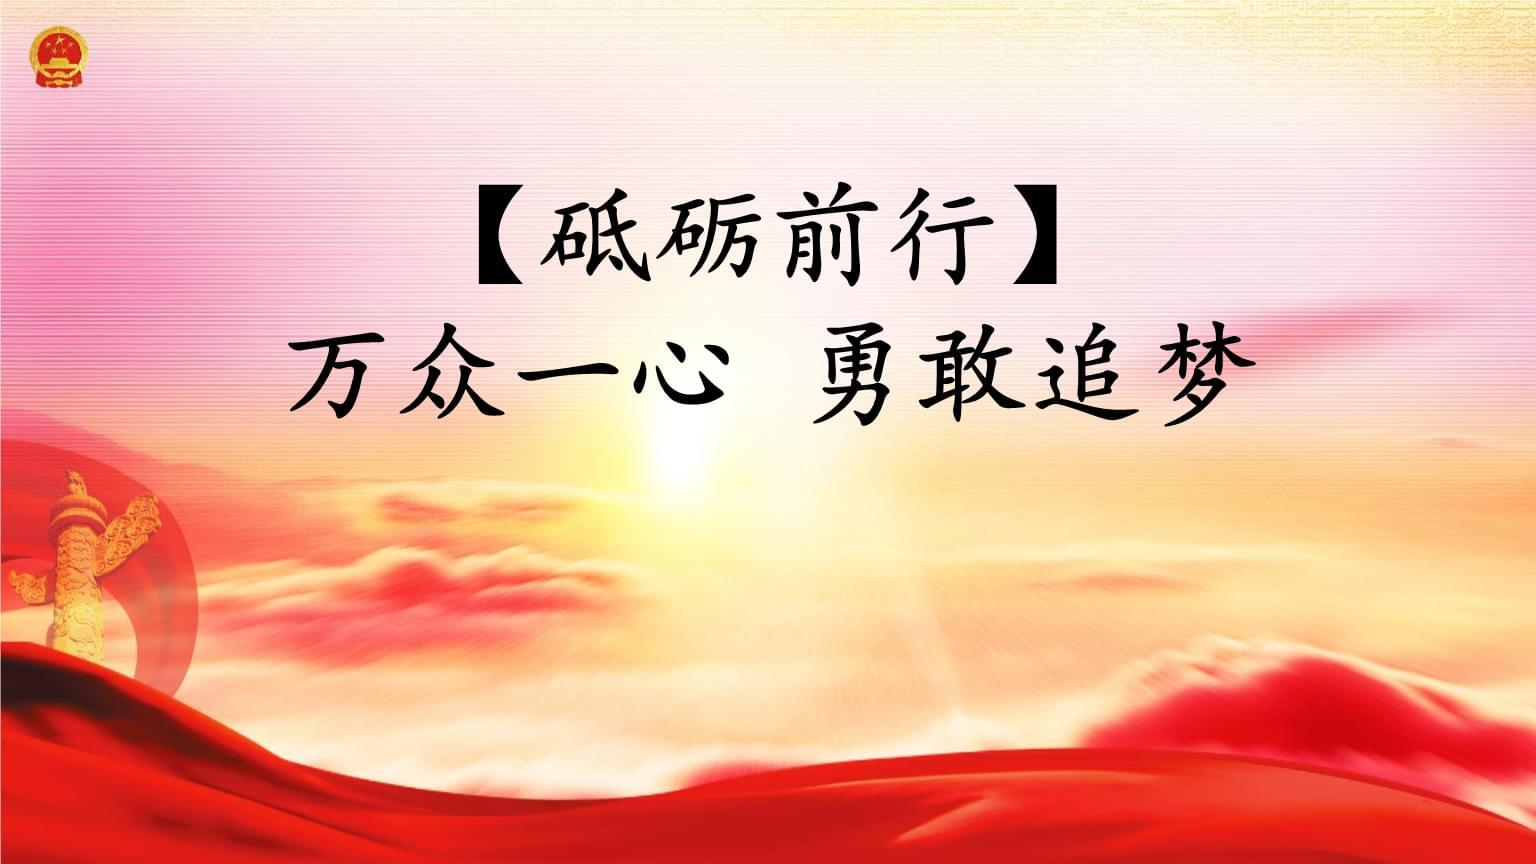 党政党课党建2019共产主义青年团团支部工作条例模板.pptx